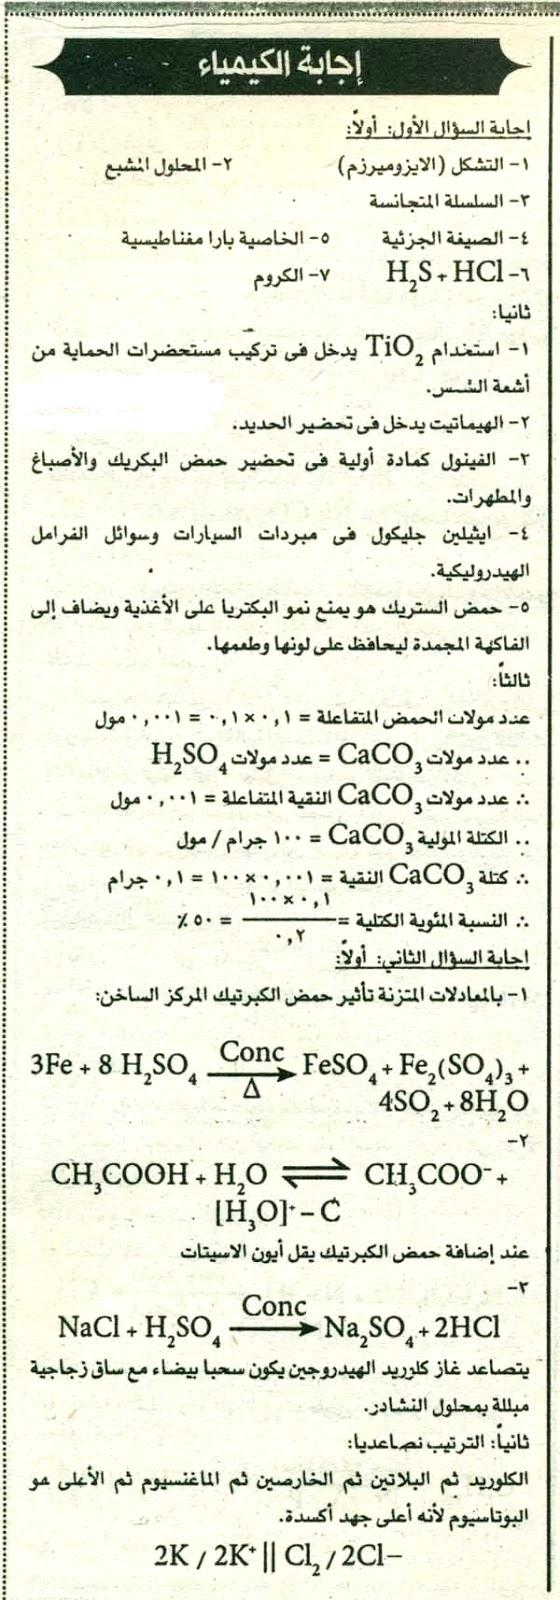 امتحان كيمياء الثانوية العامة بالسودان 2016 1_1461101964961